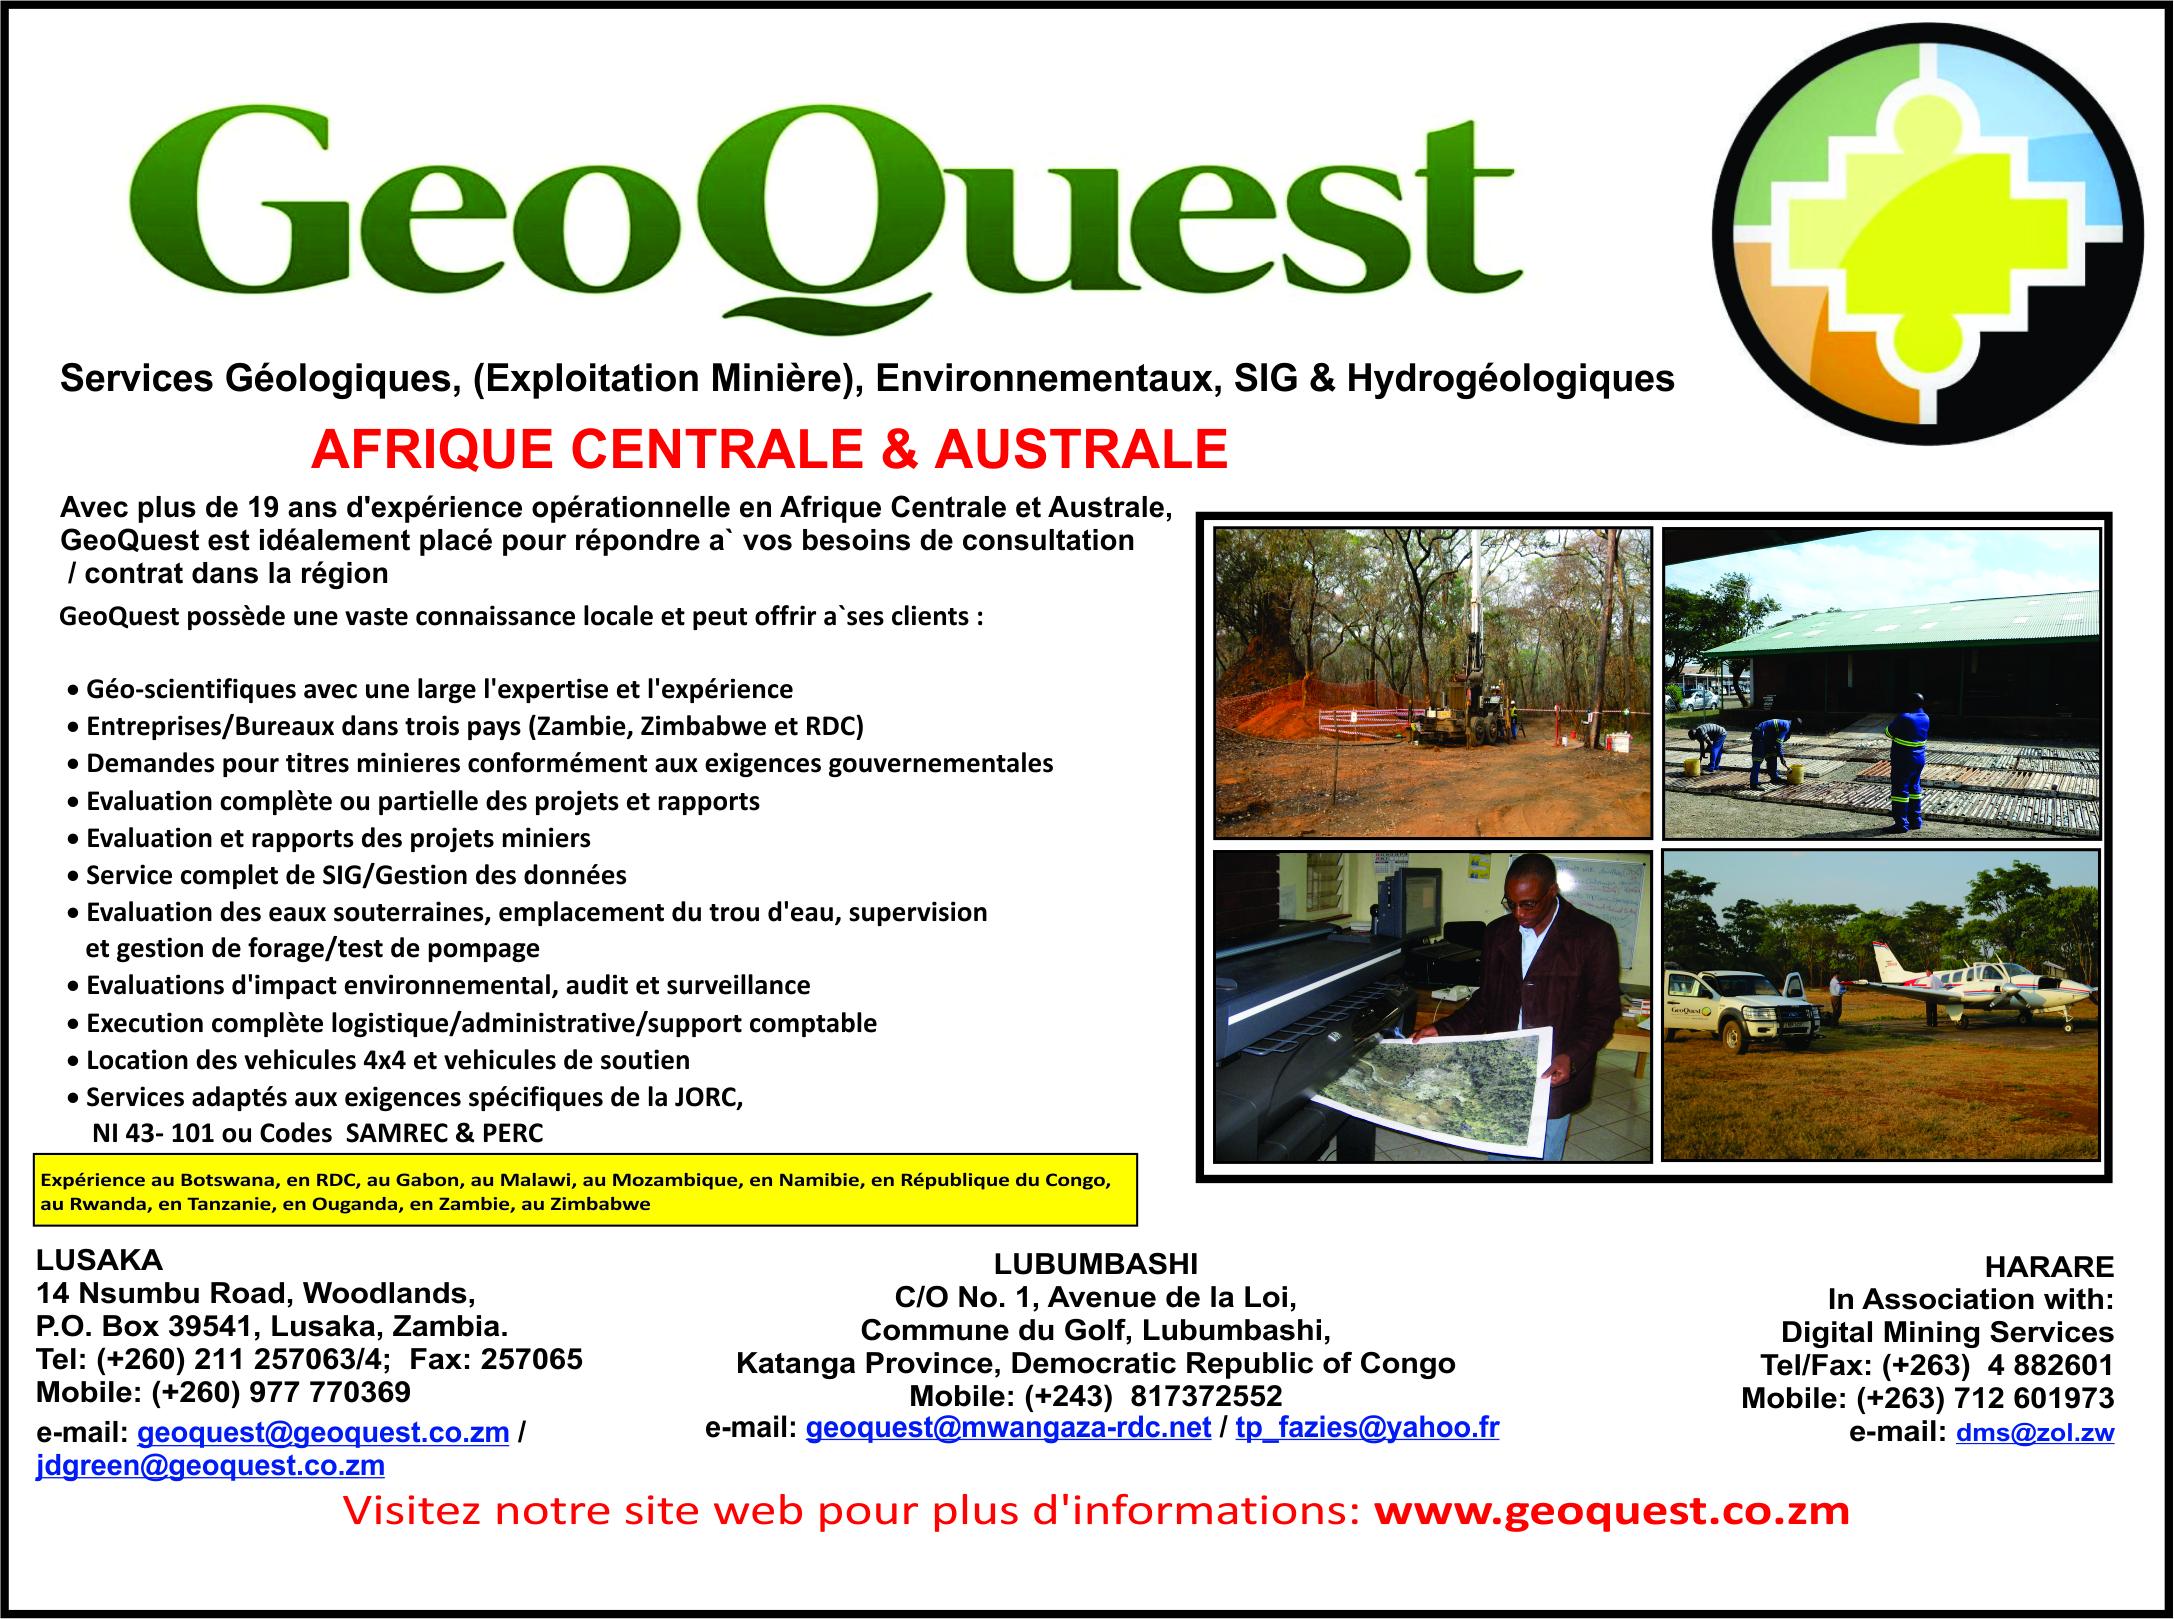 Geoquest